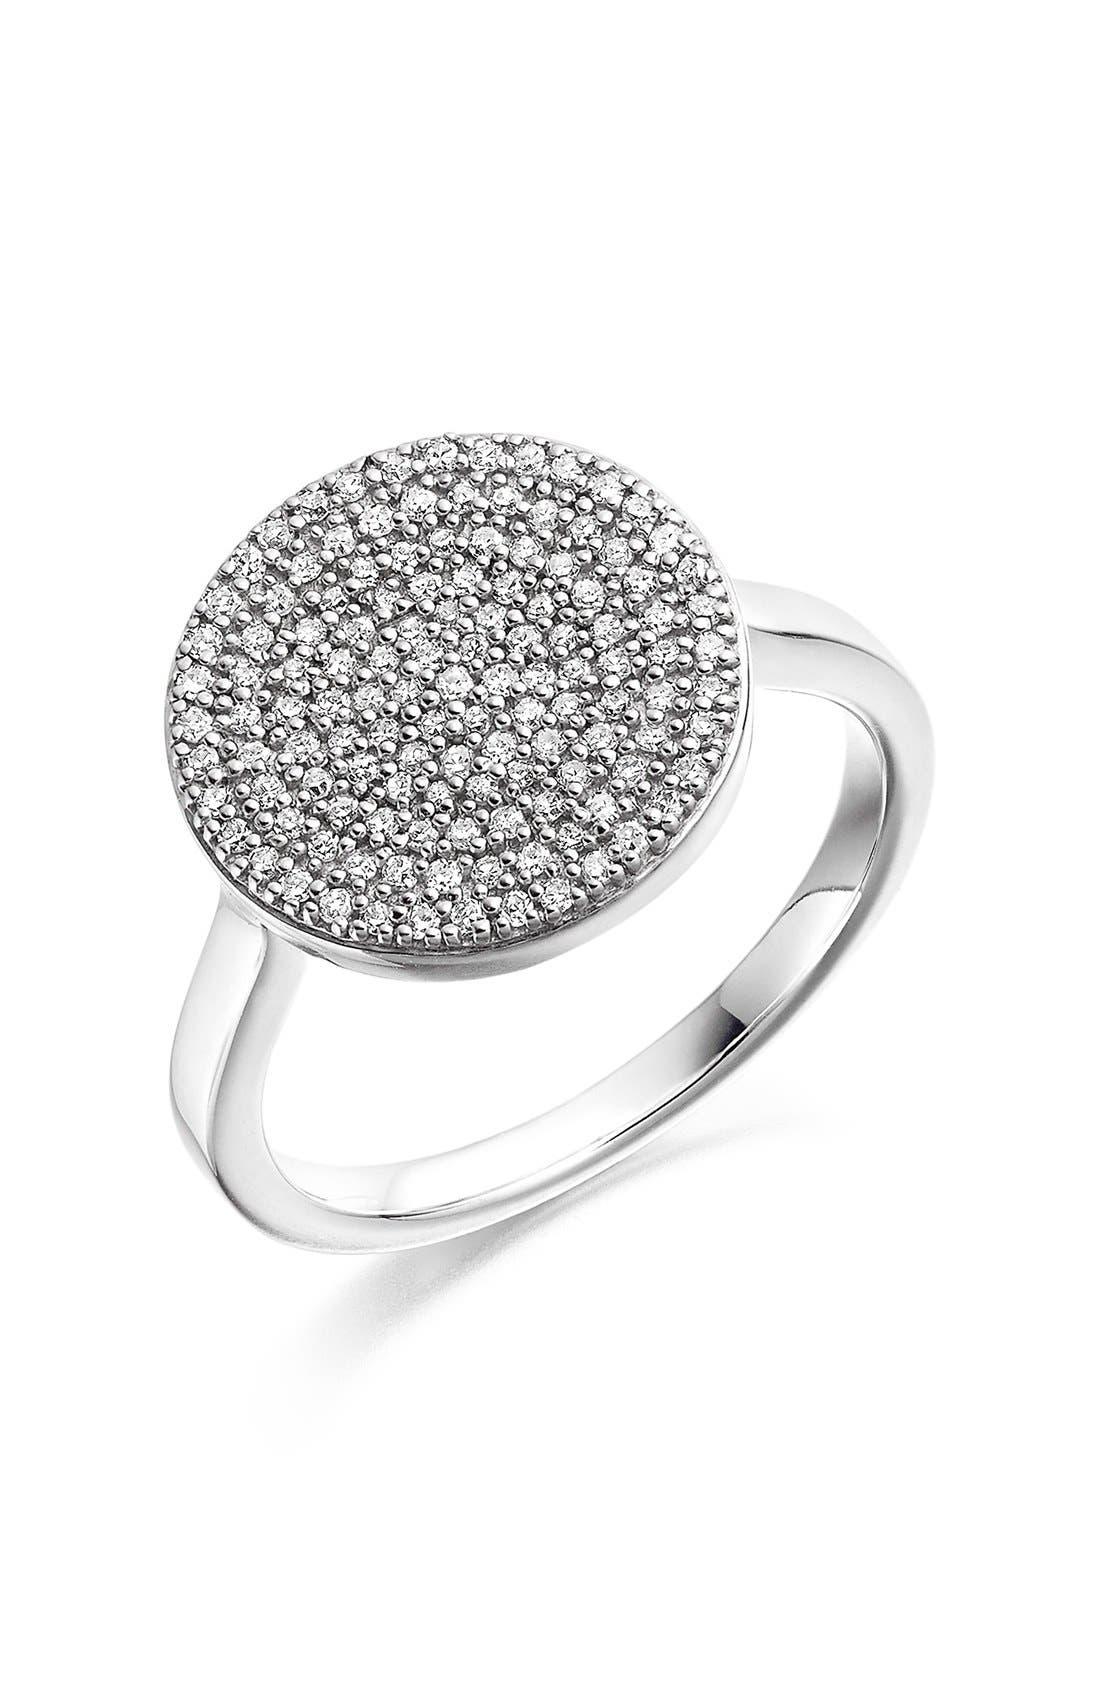 Monica Vinader 'Ava' Diamond Disc Ring